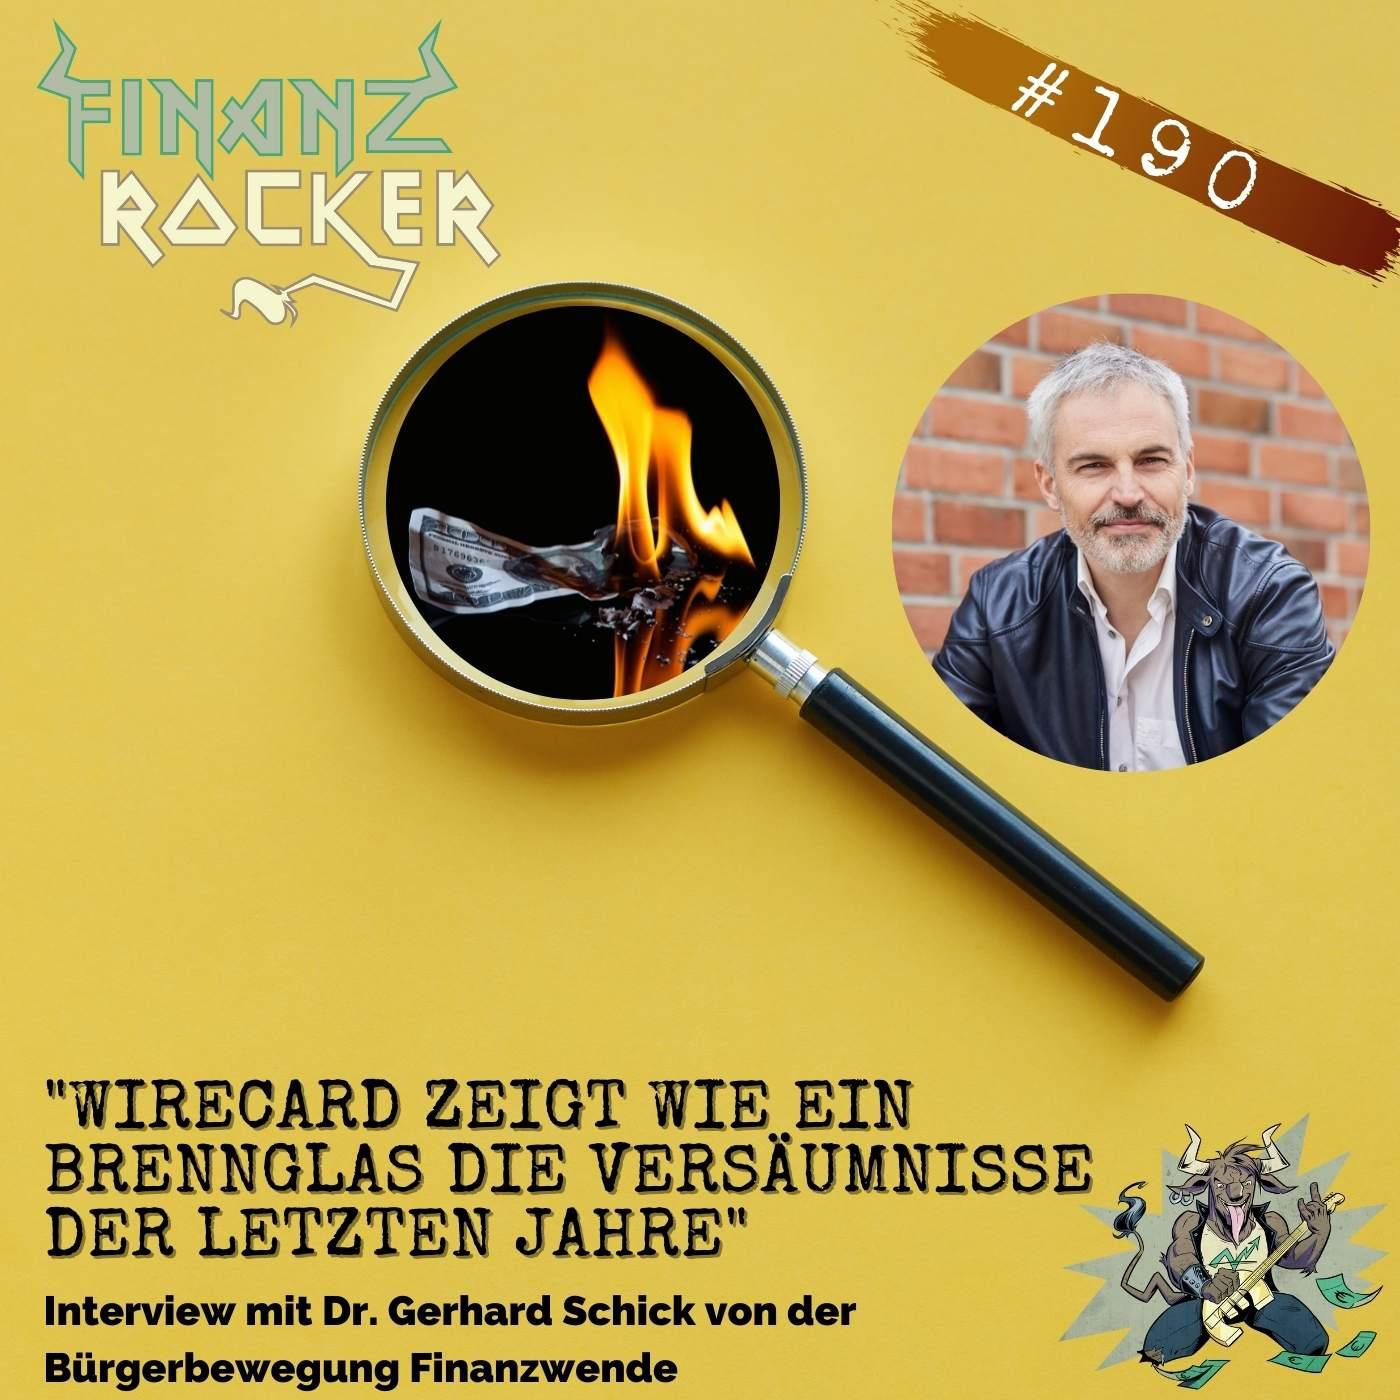 """Folge 190: """"Wirecard zeigt wie ein Brennglas die Versäumnisse der letzten Jahre"""" - Interview mit Dr. Gerhard Schick"""